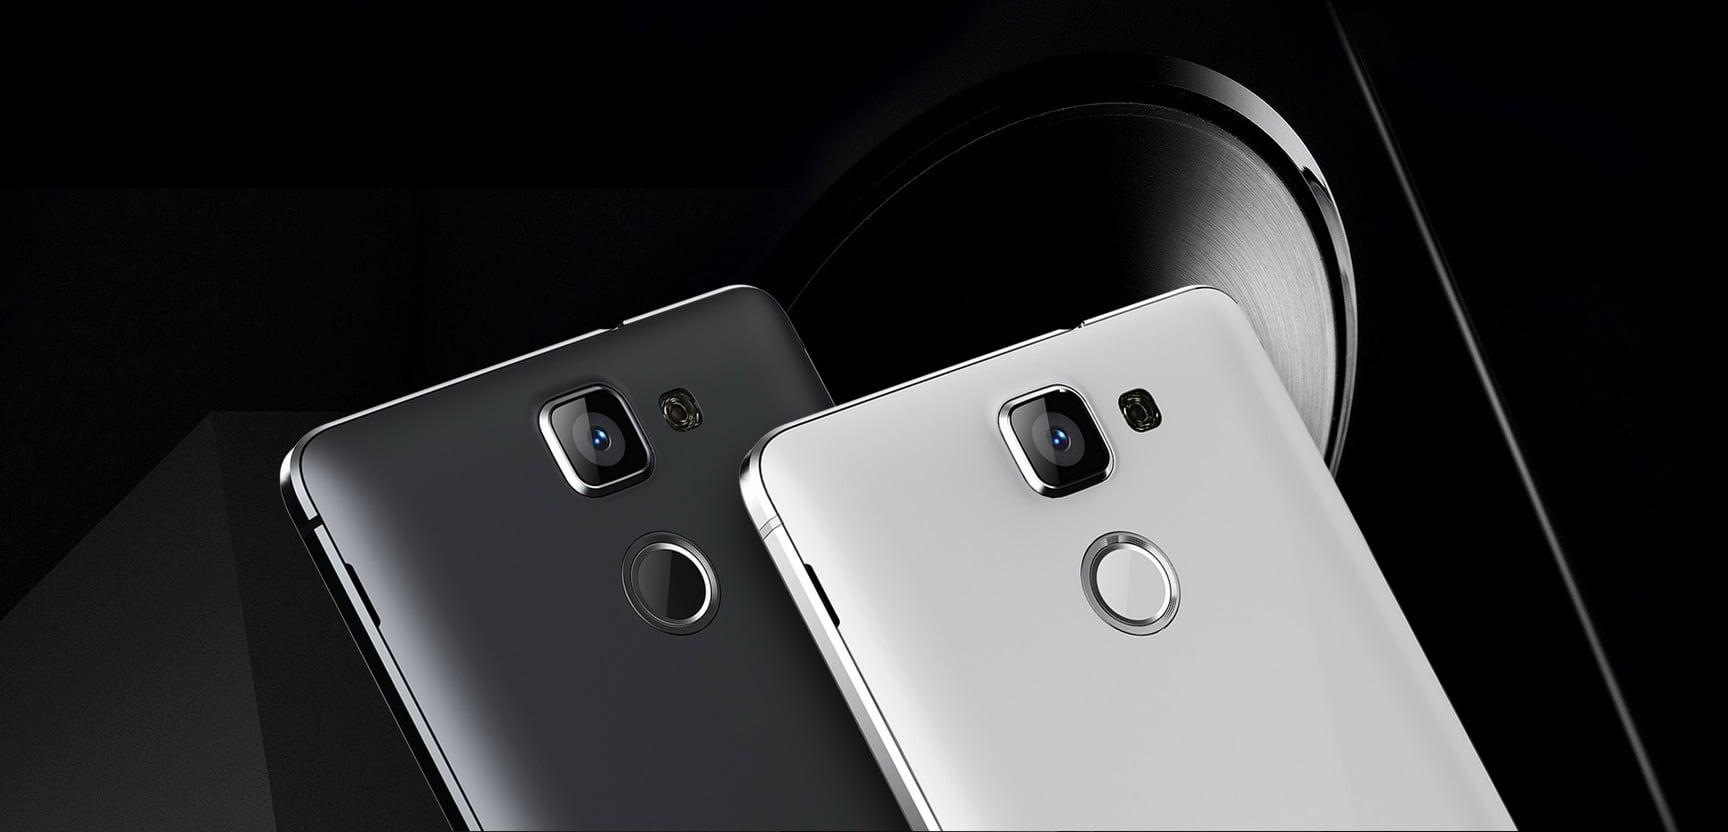 Tabletowo.pl Mlais M7 Plus dostanie 3 GB pamięci RAM i dużą baterię Android Chińskie Smartfony